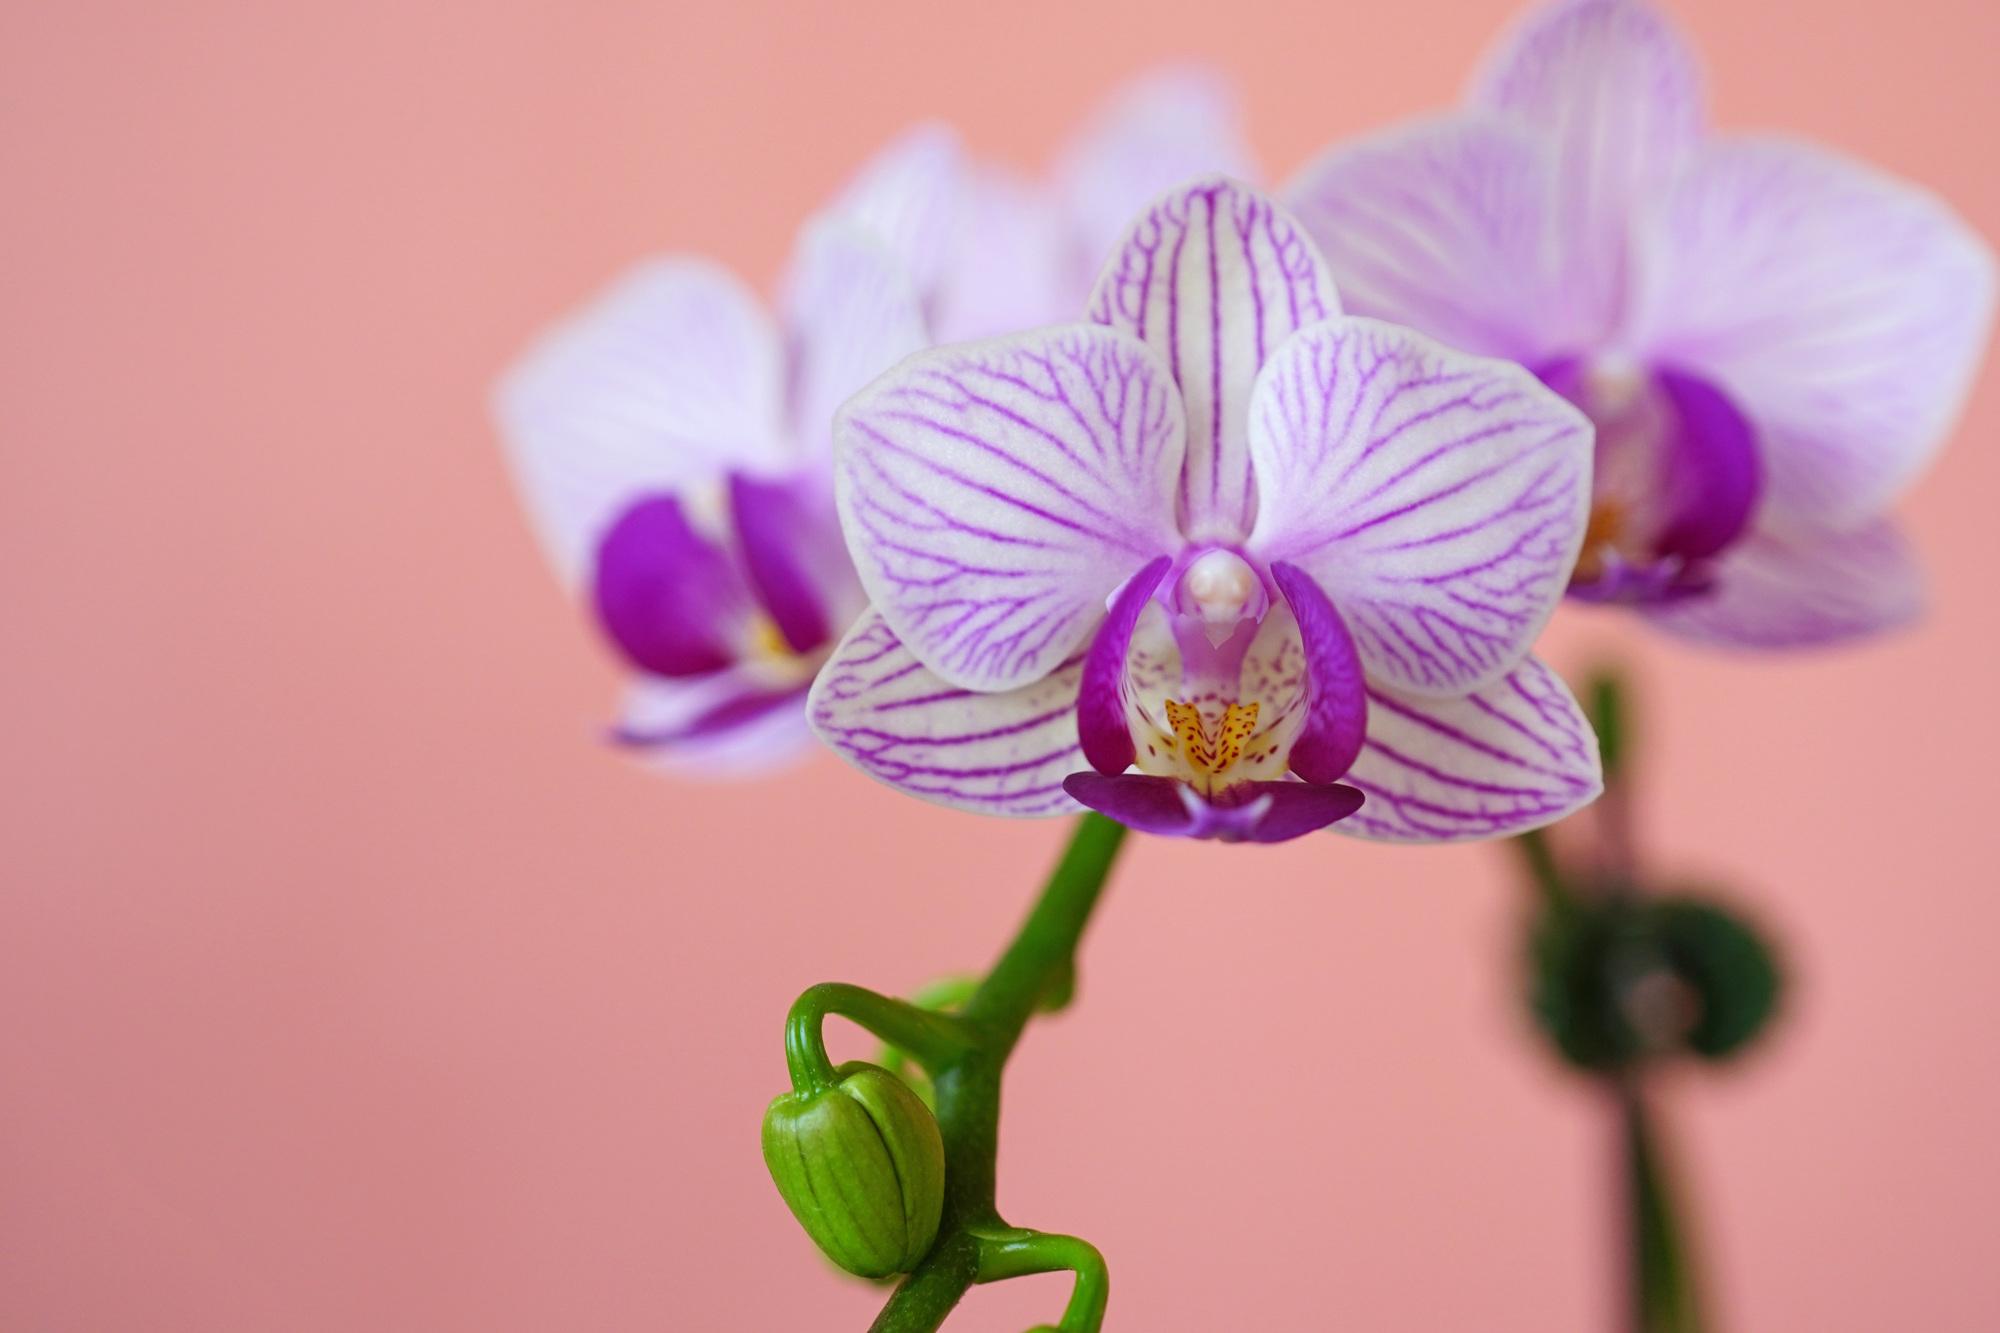 【お祝い事別】胡蝶蘭を贈る際の相場について